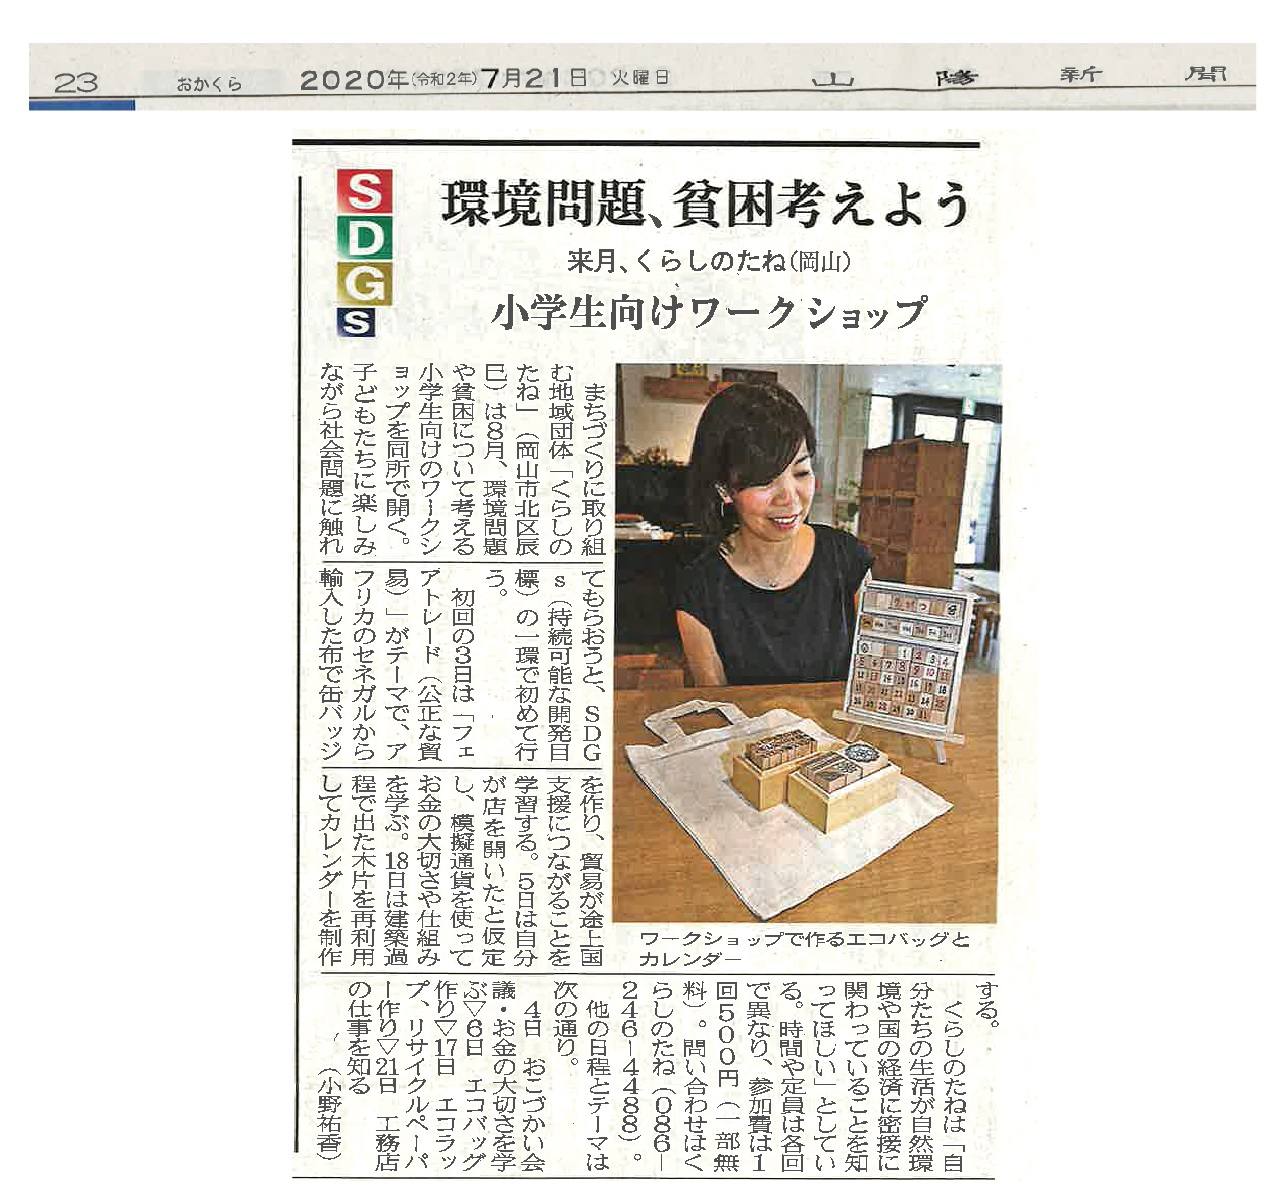 くらしのたね、「SGDs小学生向けワークショップ」が山陽新聞に取り上げられました。